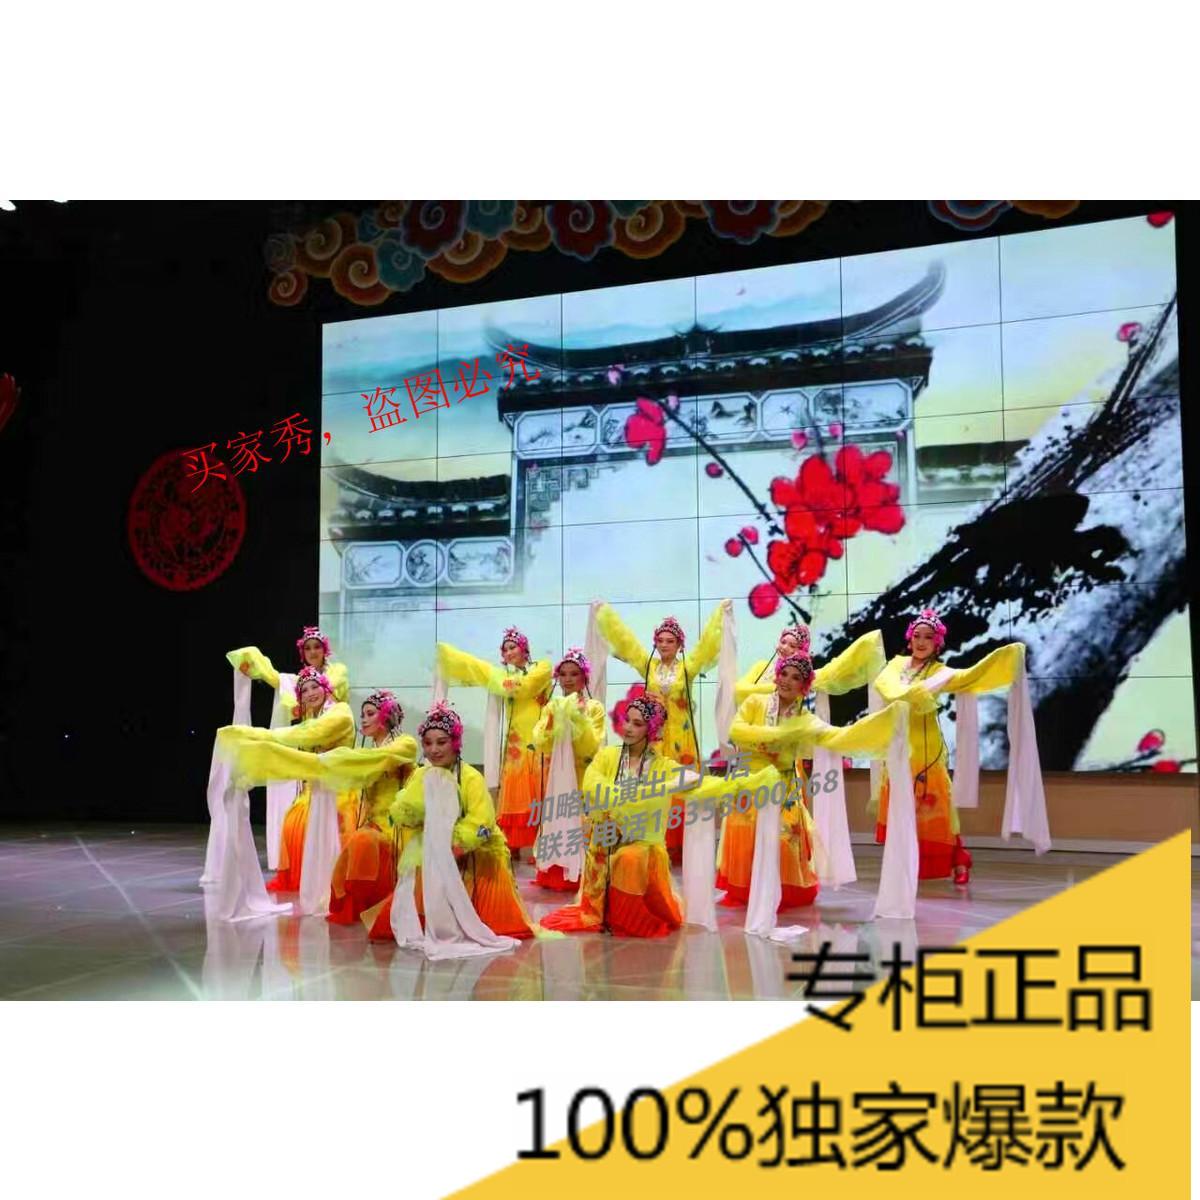 Десятый Th персик слива чашка цветы войны красивый танец одежда производительность одежда классическая танец одежда цветы распускаются длинный рукав играть одежда